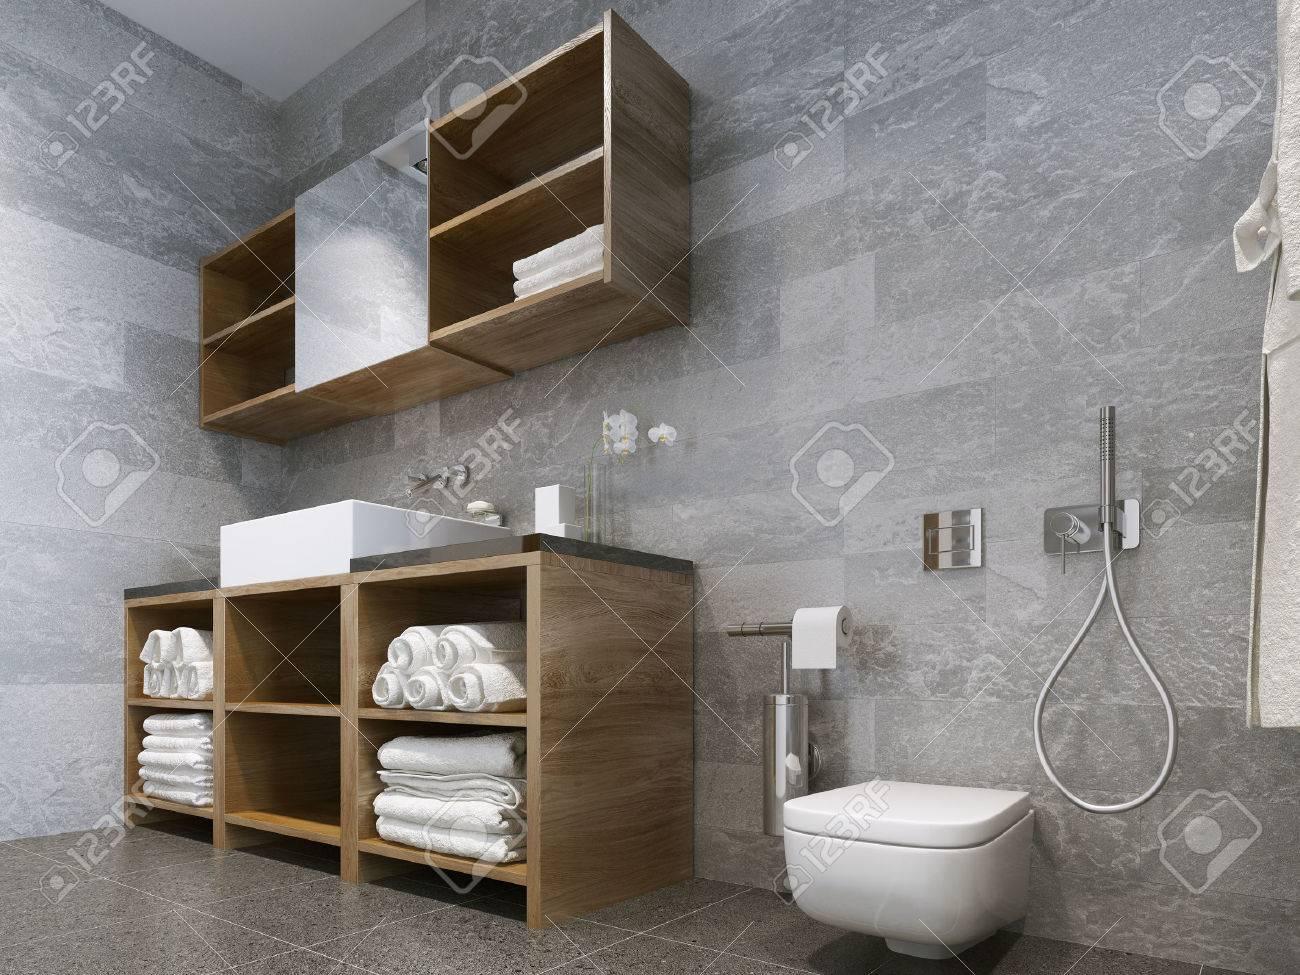 Badezimmer Modernen Stil. Compromising Mit Holz Und Naturstein-Bad ...